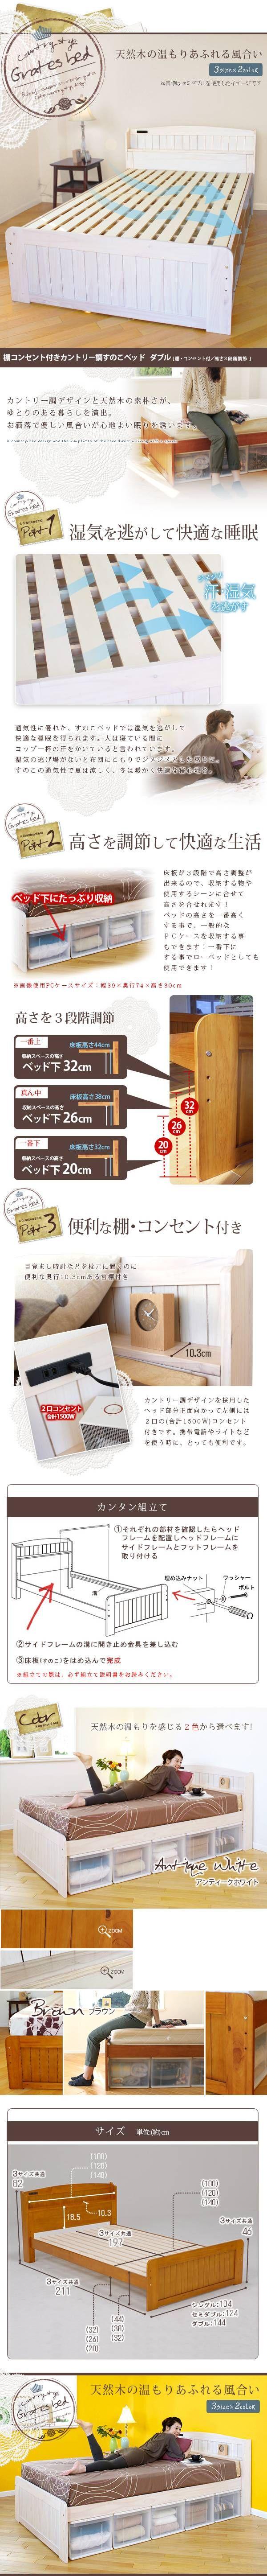 高さ3段階調節OK!棚コンセント付きカントリー調すのこベッド。。棚コンセント付きカントリー調すのこベッド ダブル【ベッドフレームのみ】(アンティークホワイト/ブラウン)(ベッド ベット すのこベット スノコベッド 木製ベッド カントリーテイスト ダブルベッド) 10P05Nov16